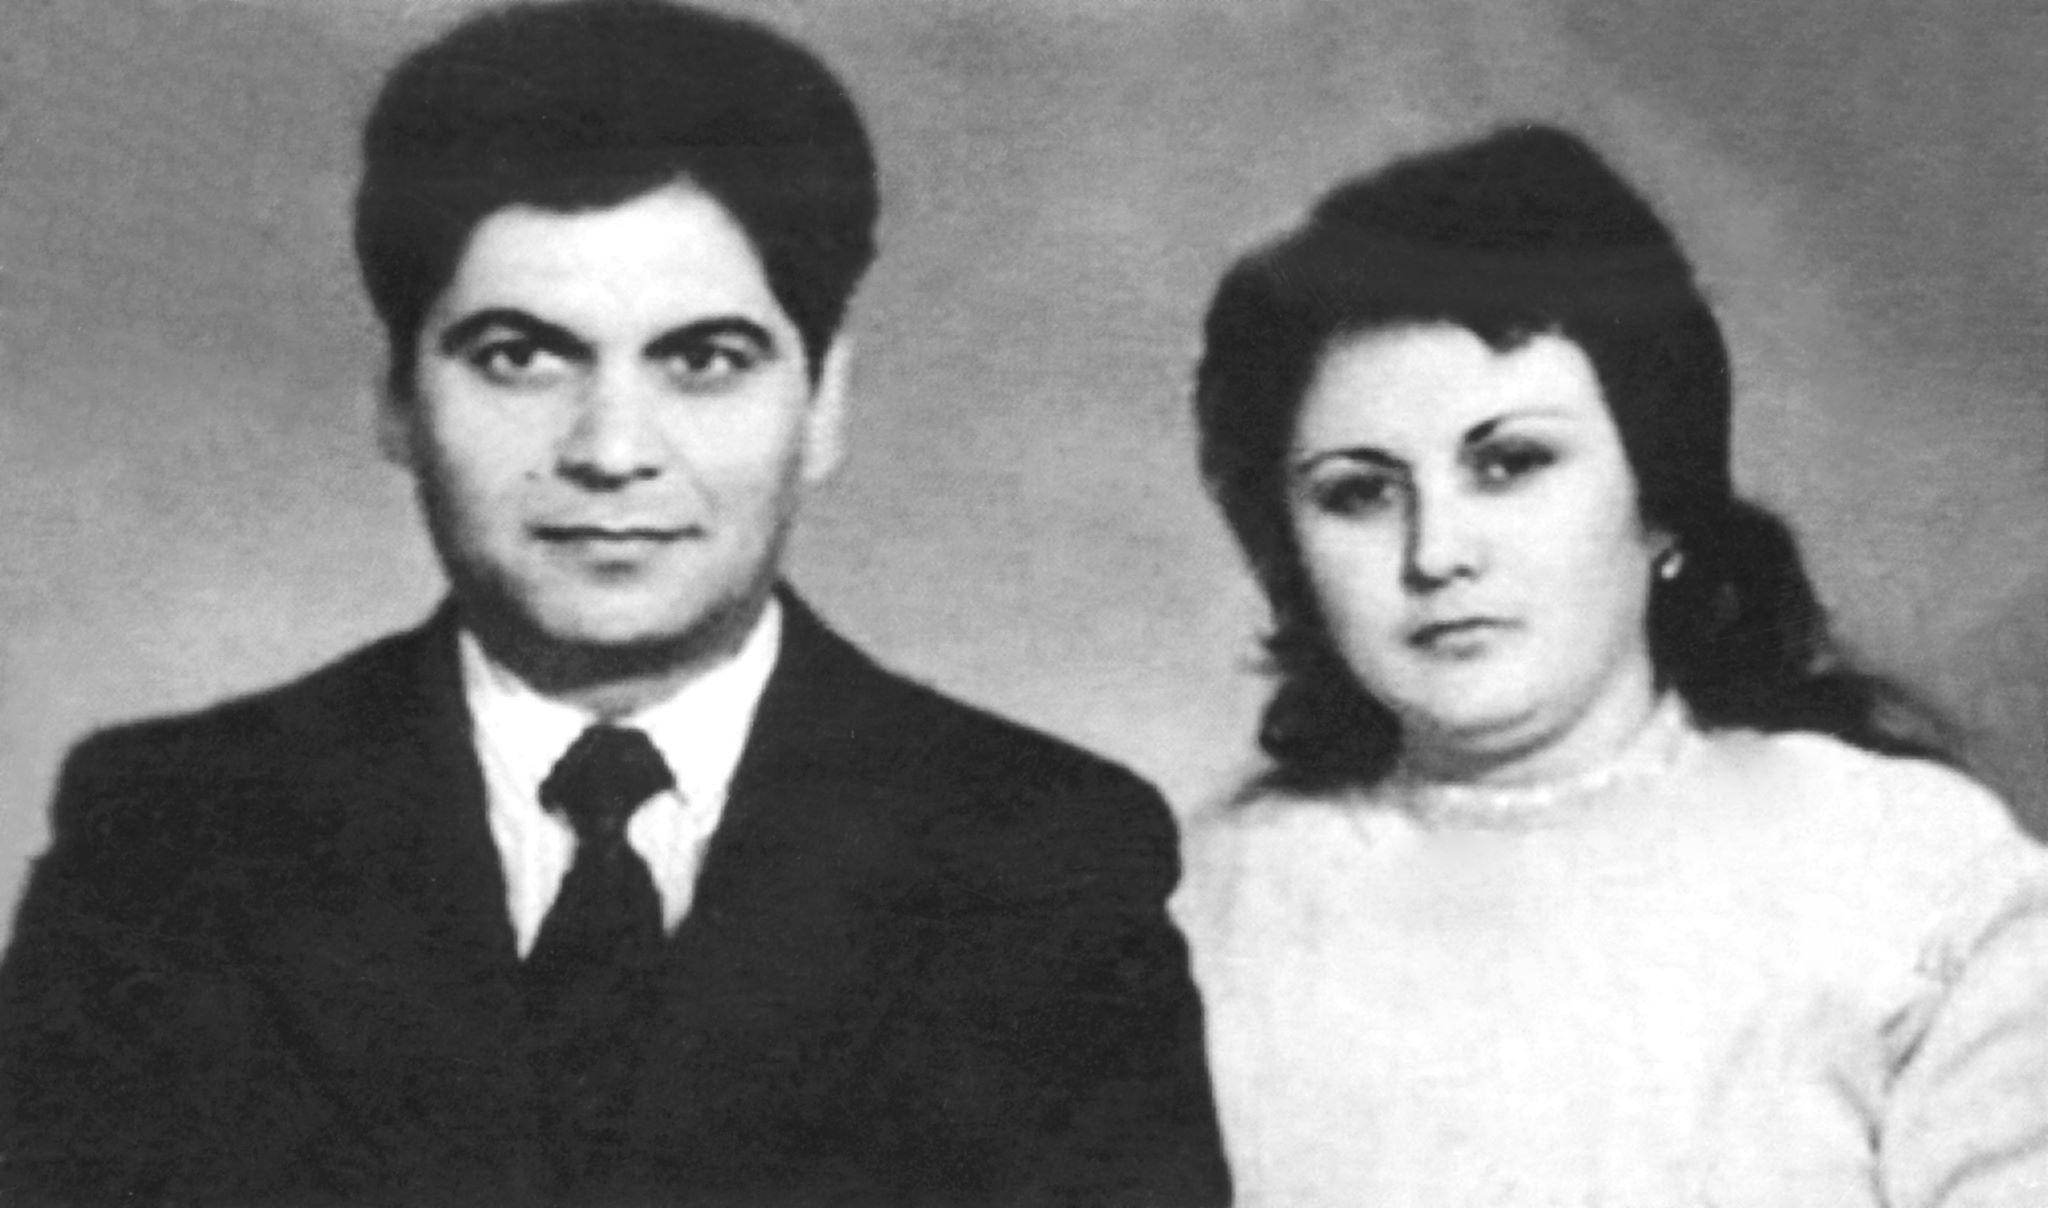 Ünvansız Məktubların Ünvanı – Rafiq Əliyevdən həyat yoldaşına